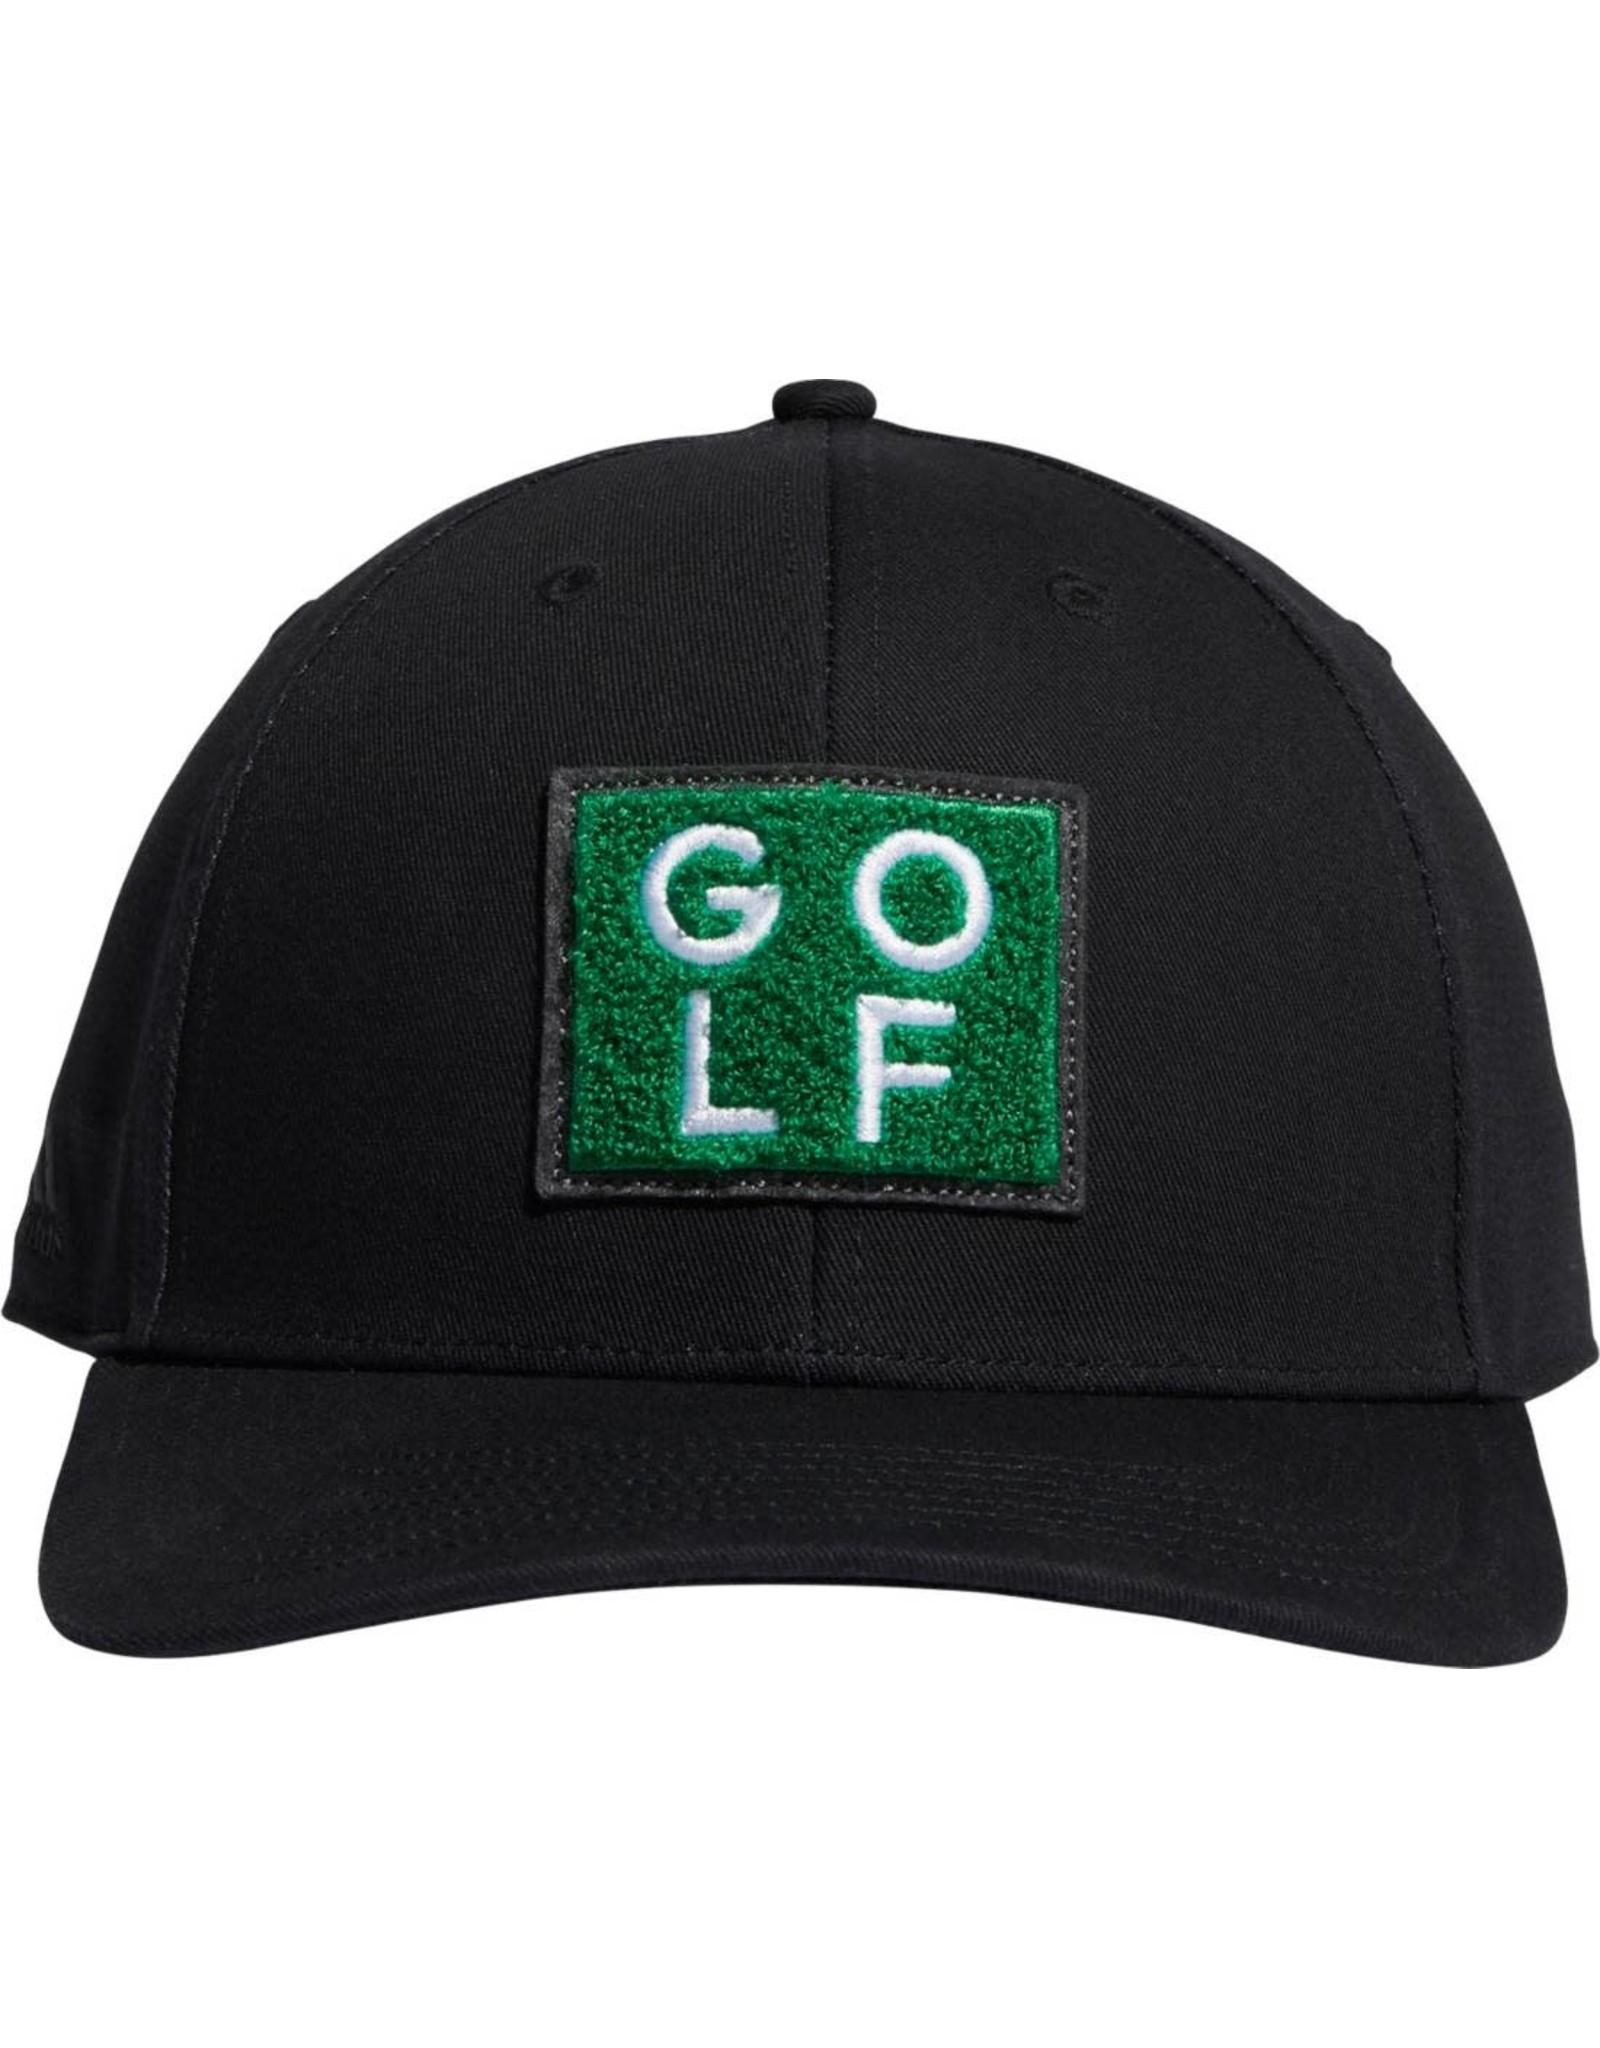 Adidas Adi Turf Hat